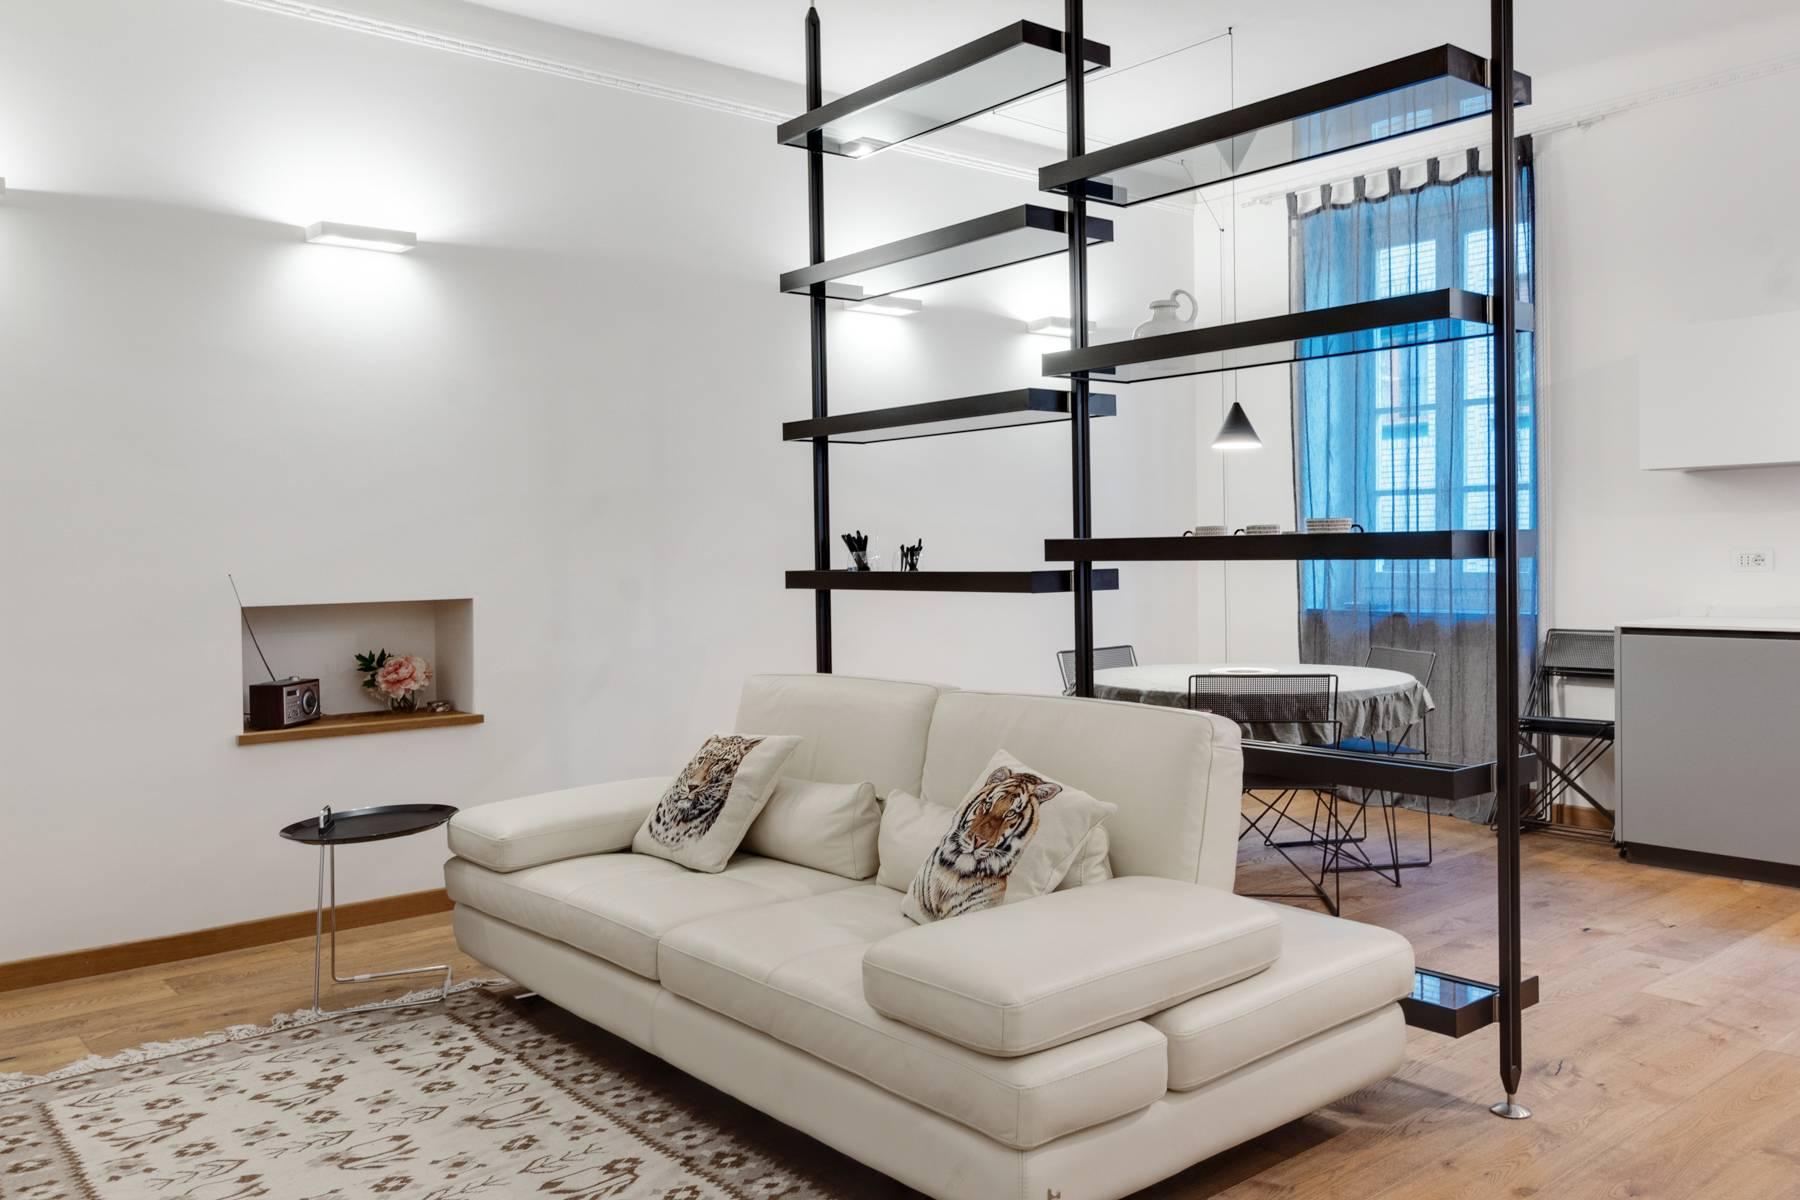 Appartamento in Affitto a Torino: 3 locali, 86 mq - Foto 2